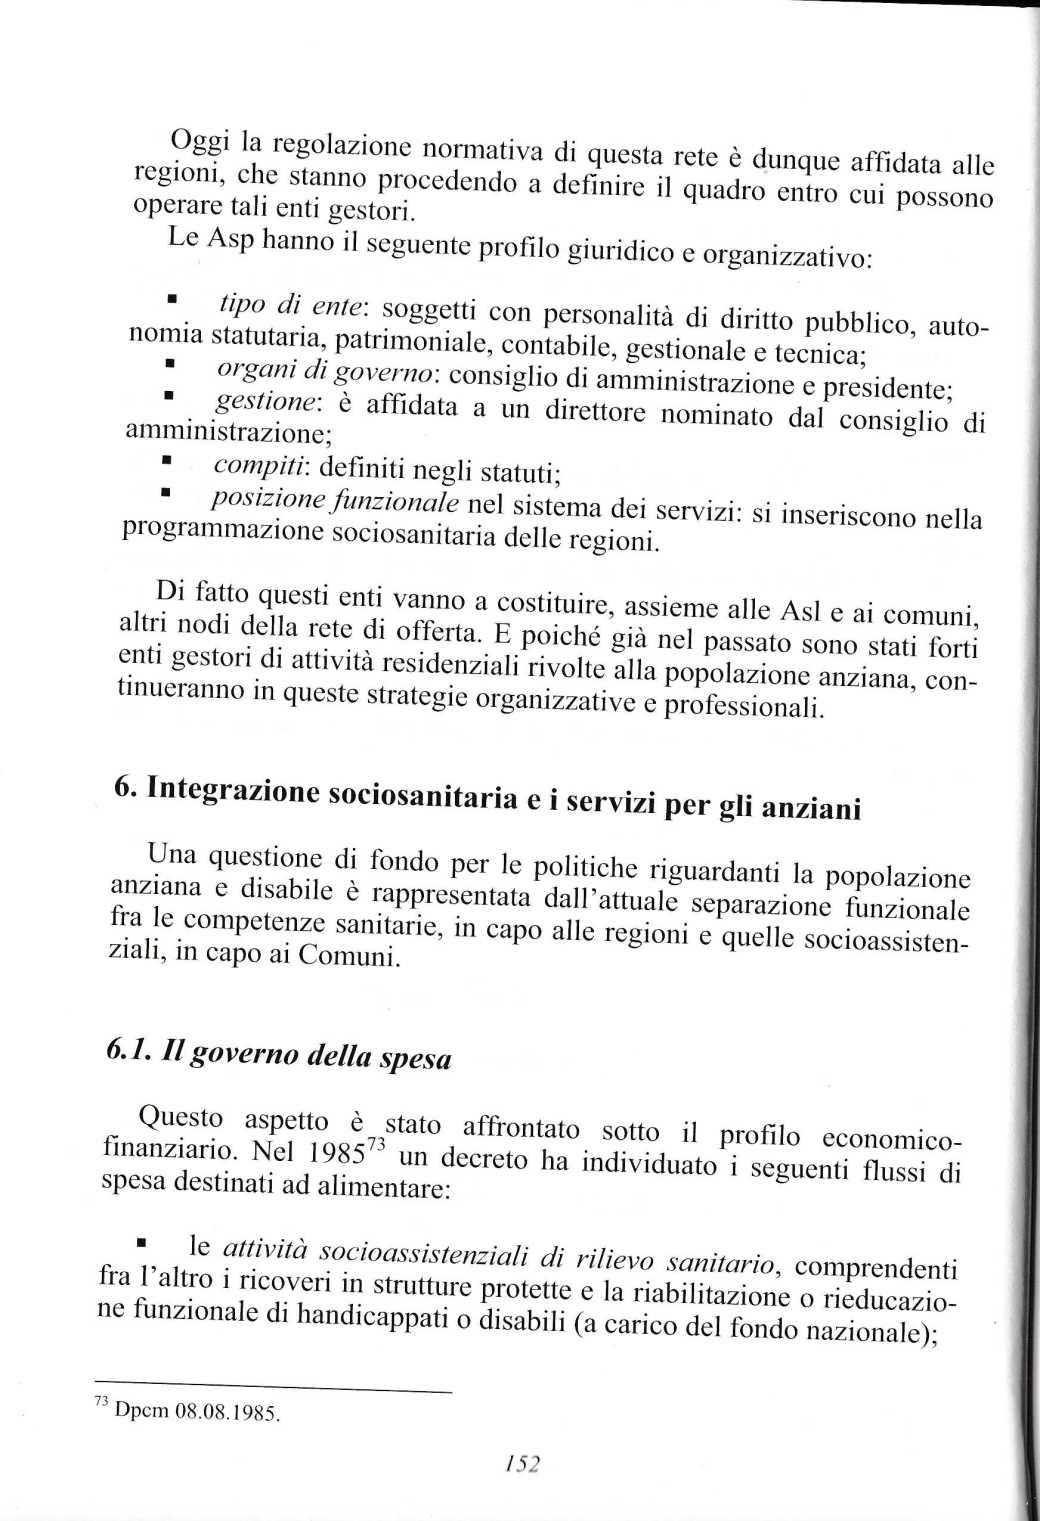 anziani politiche servizi 2005 ferrario paolo1335